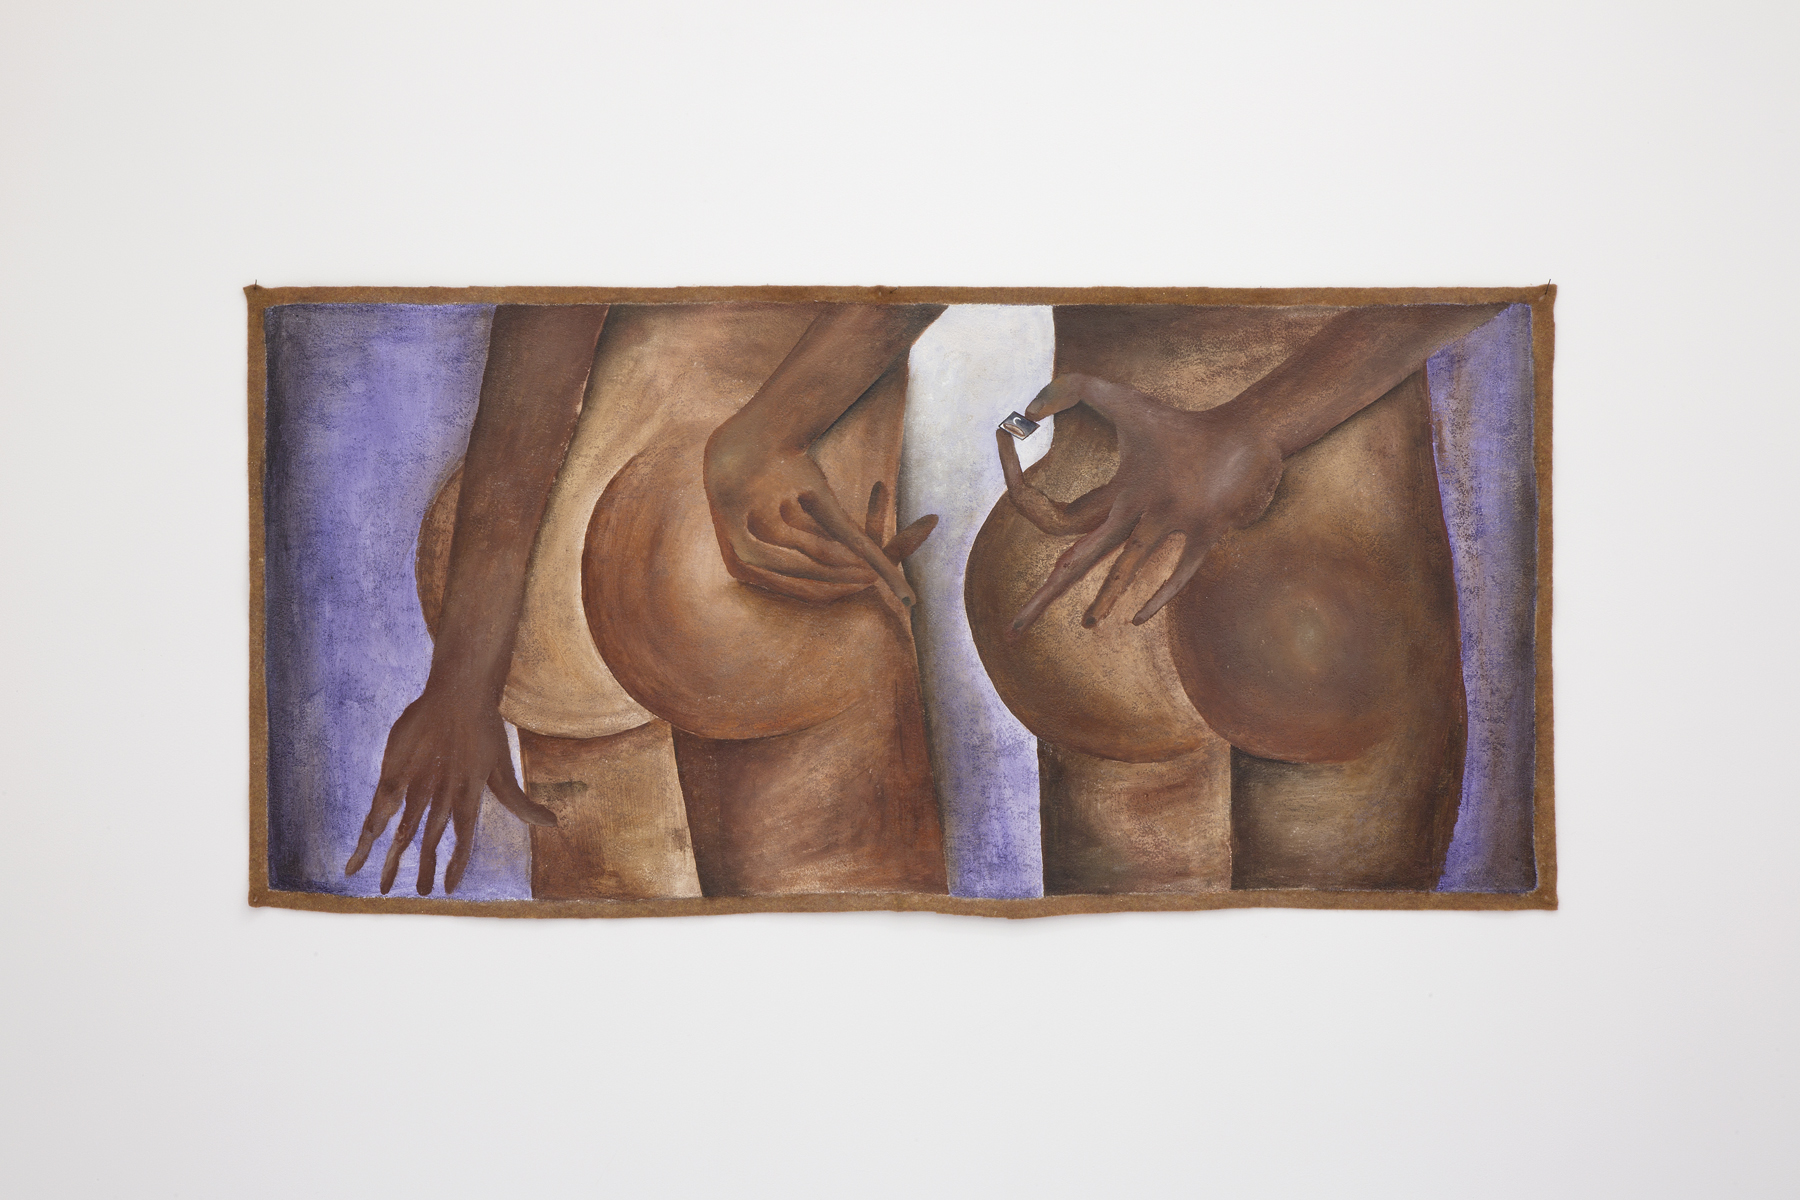 Santiago de Paoli, Mirá esta pintura, 2017. Óleo en fieltro, 95 x 45 cm (37.5 x 17.5 in.)